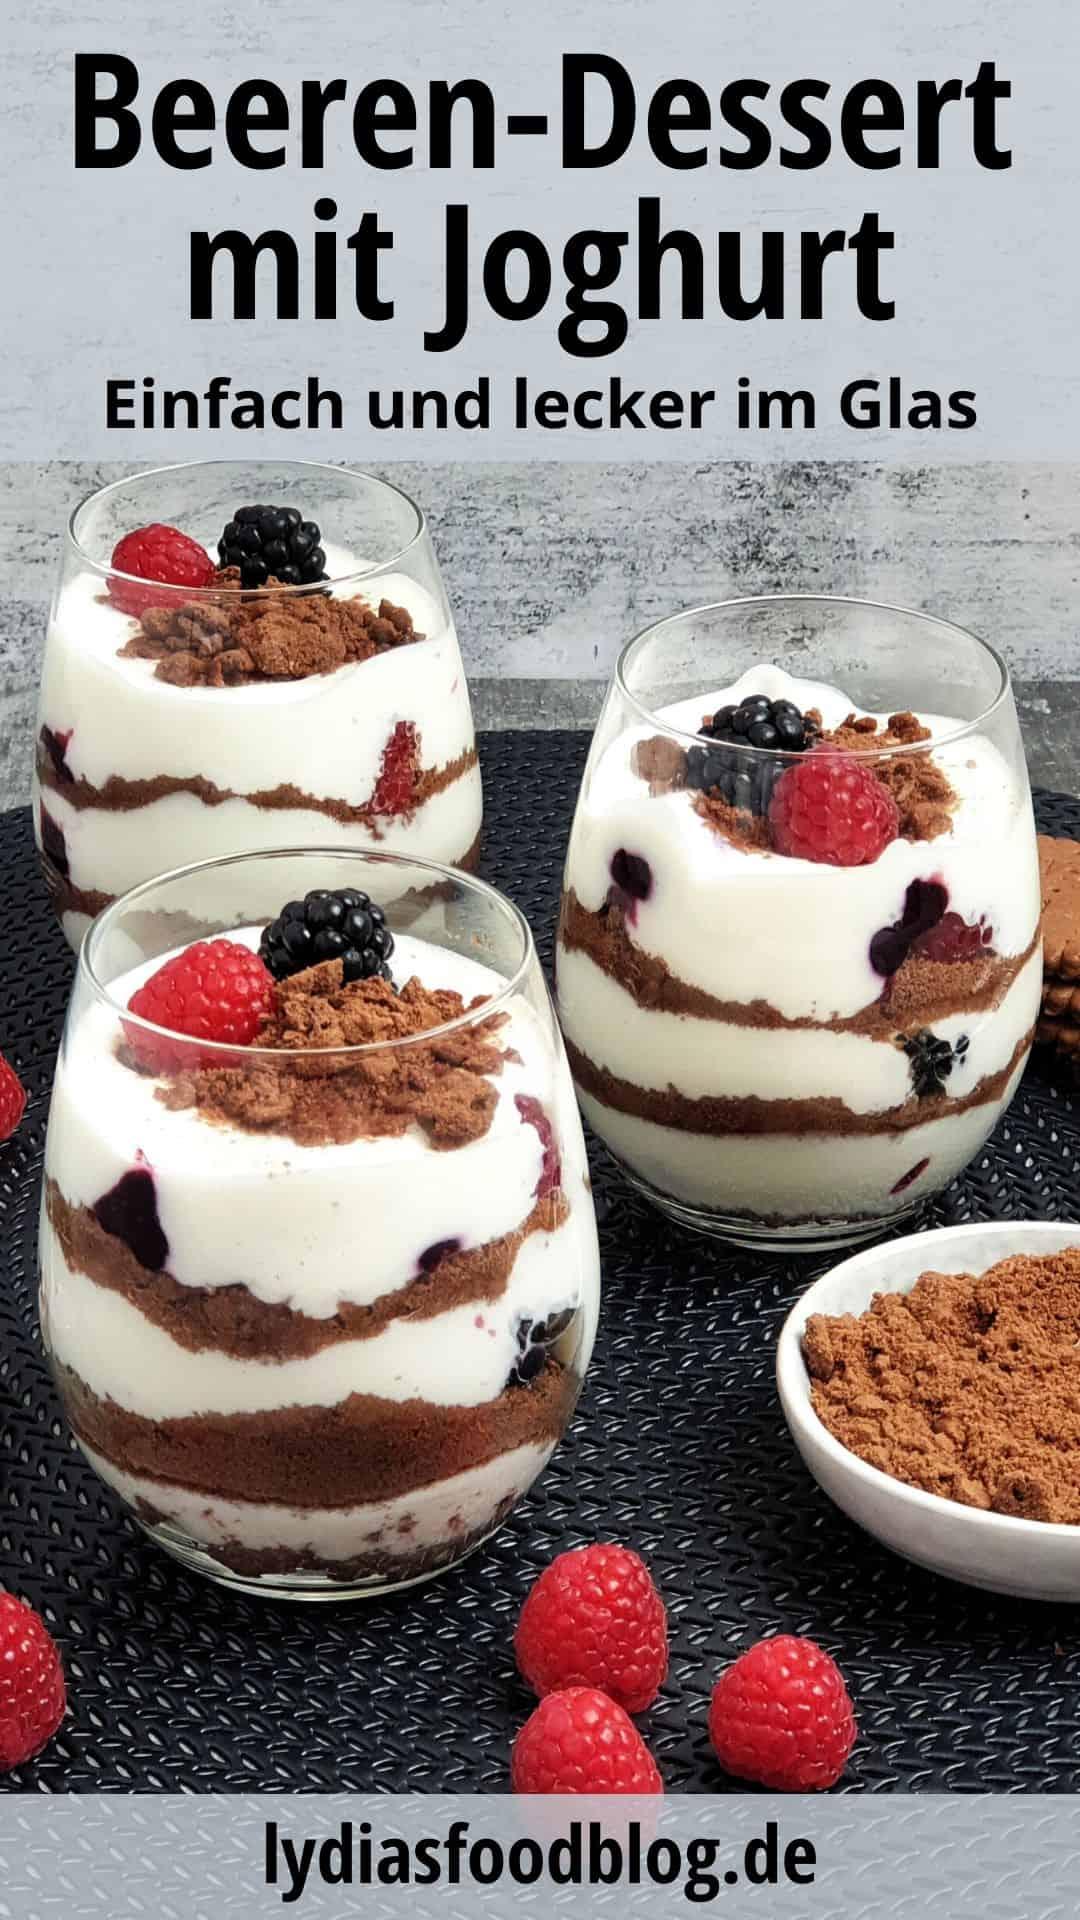 3 Gläser mit Beeren-Cheesecake Dessert auf einer schwarzen Unterlage. Daneben Deko.